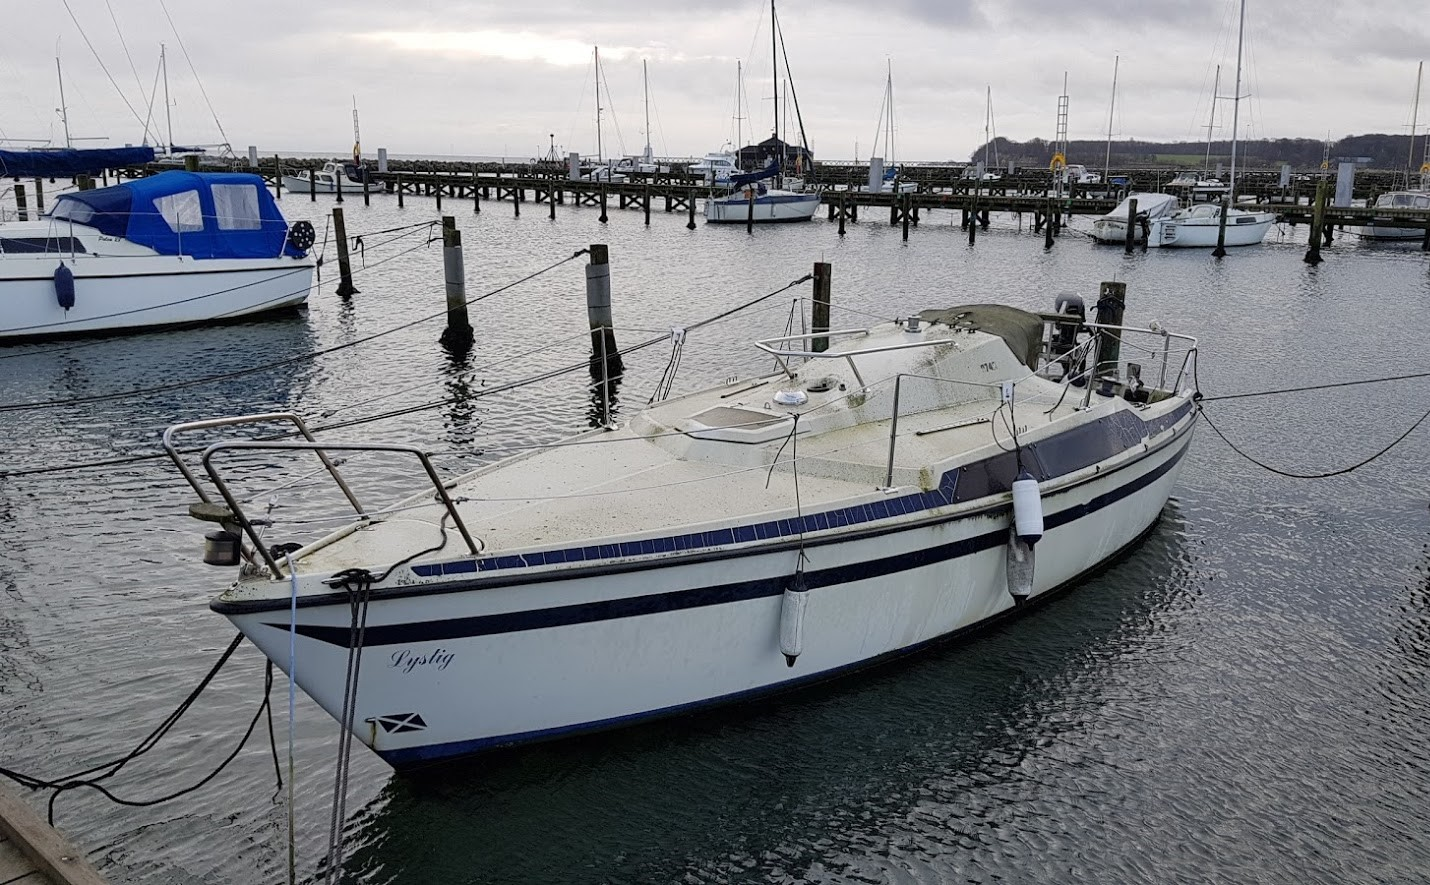 Kasserede glasfibermaterialer kan anvendes kommercielt til isoleringsprodukter, viser ny rapport. Det vil en ældre båd som denne båd i Kerteminde nyde godt af. Foto: Troels Lykke